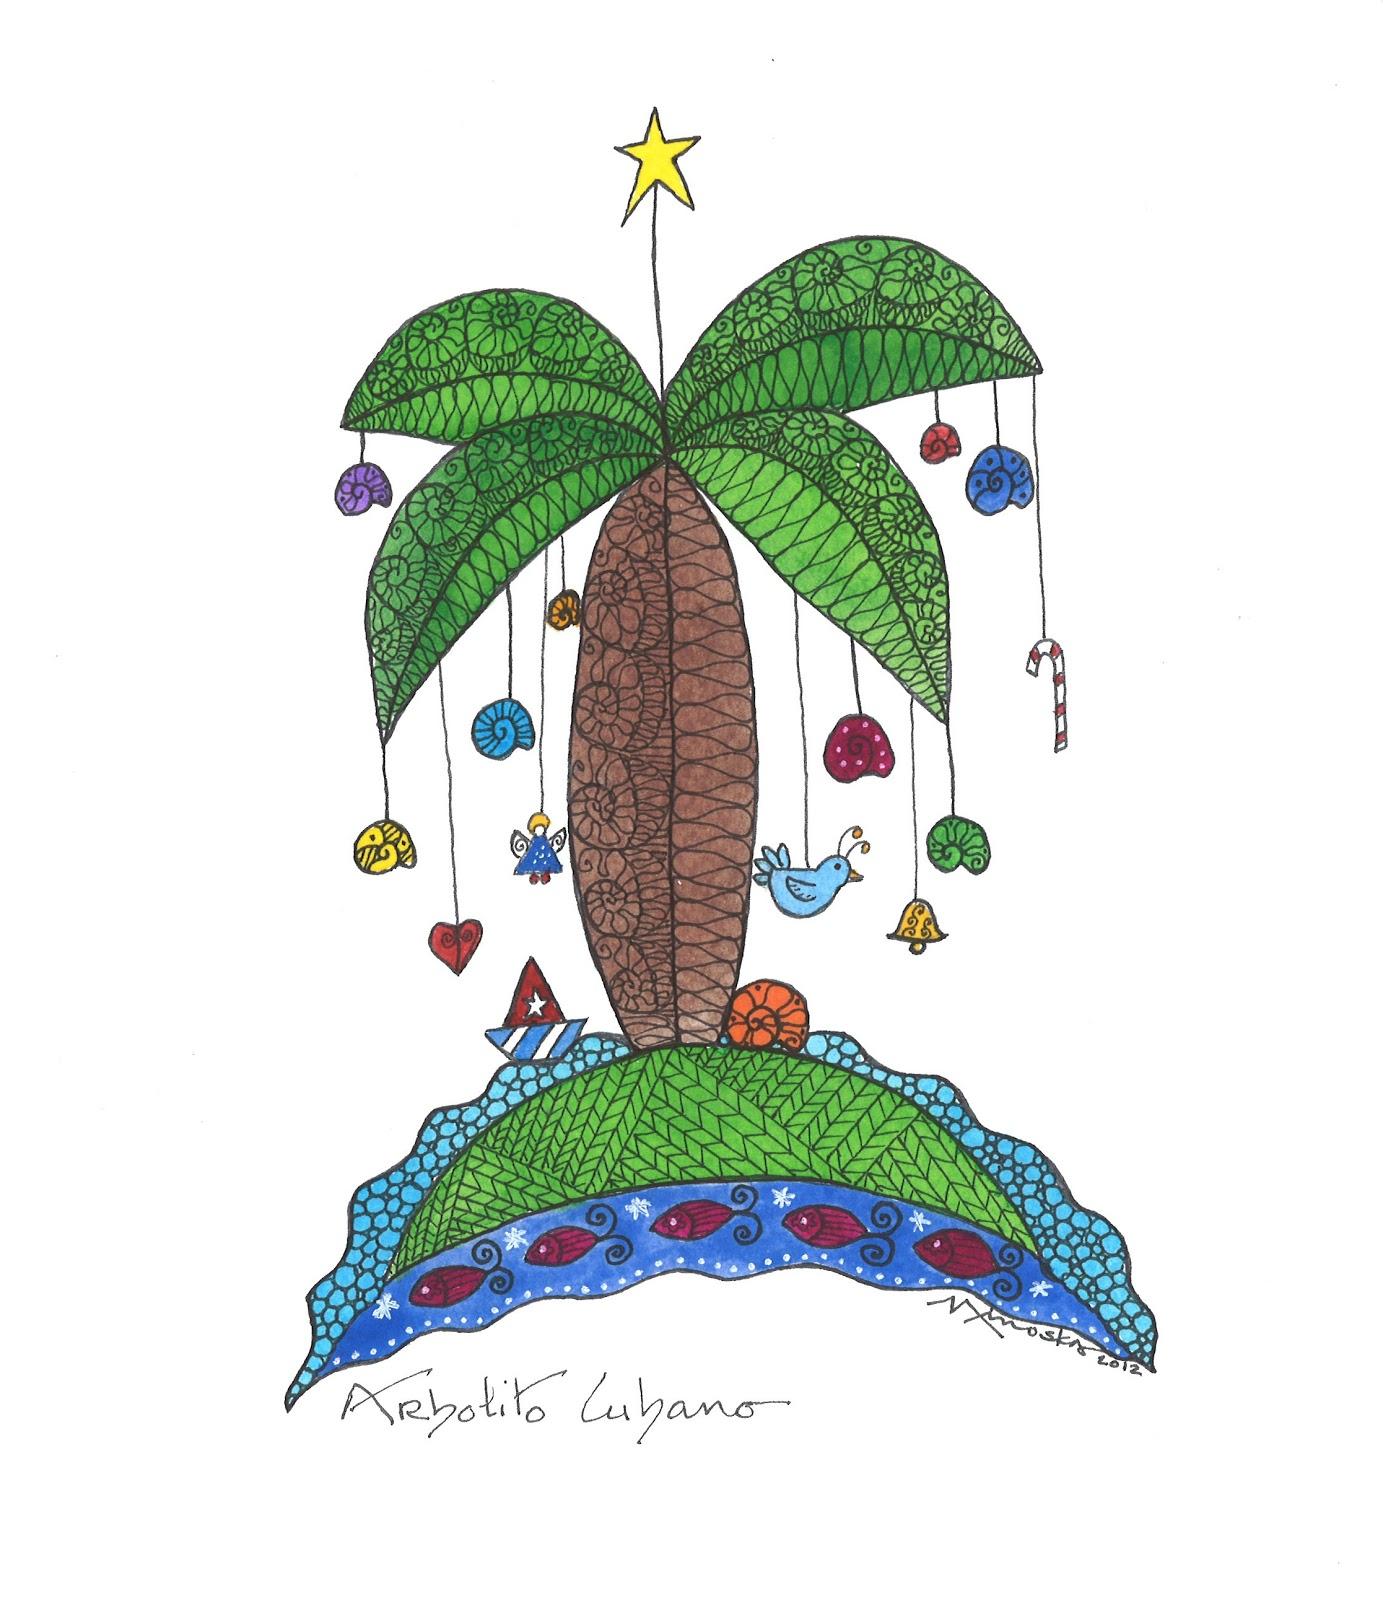 http://1.bp.blogspot.com/-8YY3Y1w_vXw/UNmWWdxGNhI/AAAAAAAAAkk/STHRKDl0Mu4/s1600/P-114+Christmas.2012.jpg